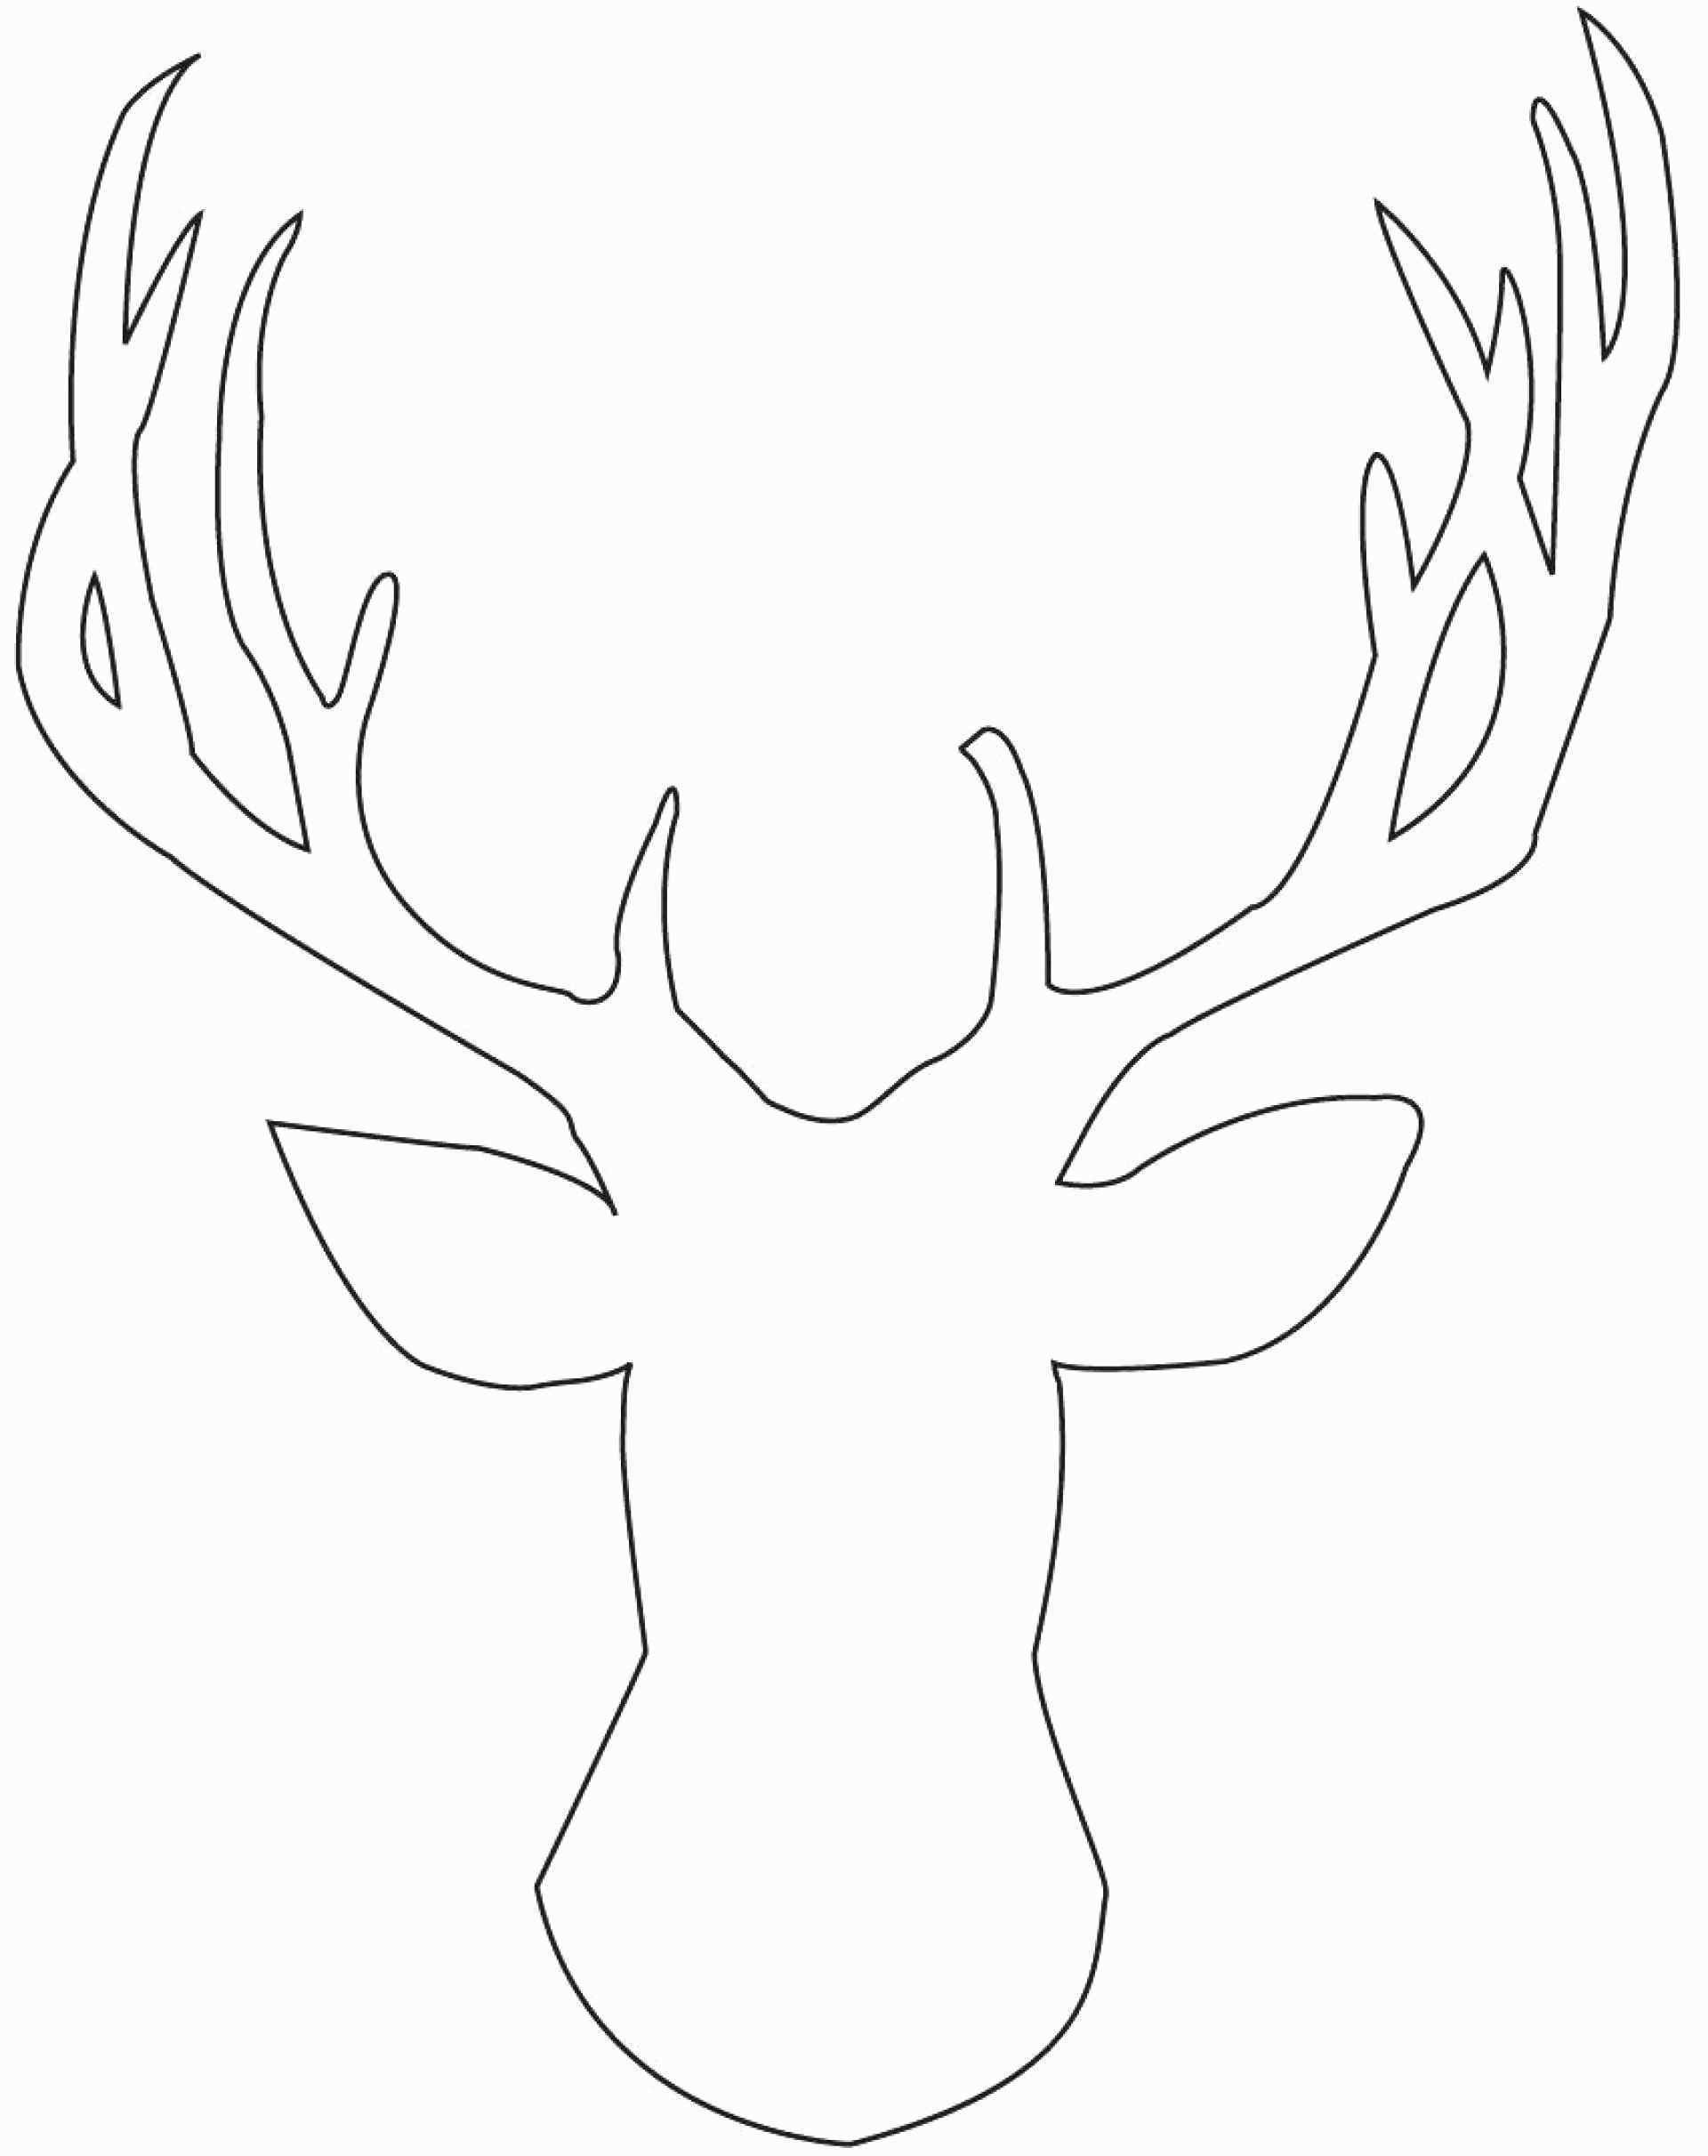 Reindeer Antlers Template Luxury Printable Arrowhead Template - Reindeer Antlers Template Free Printable